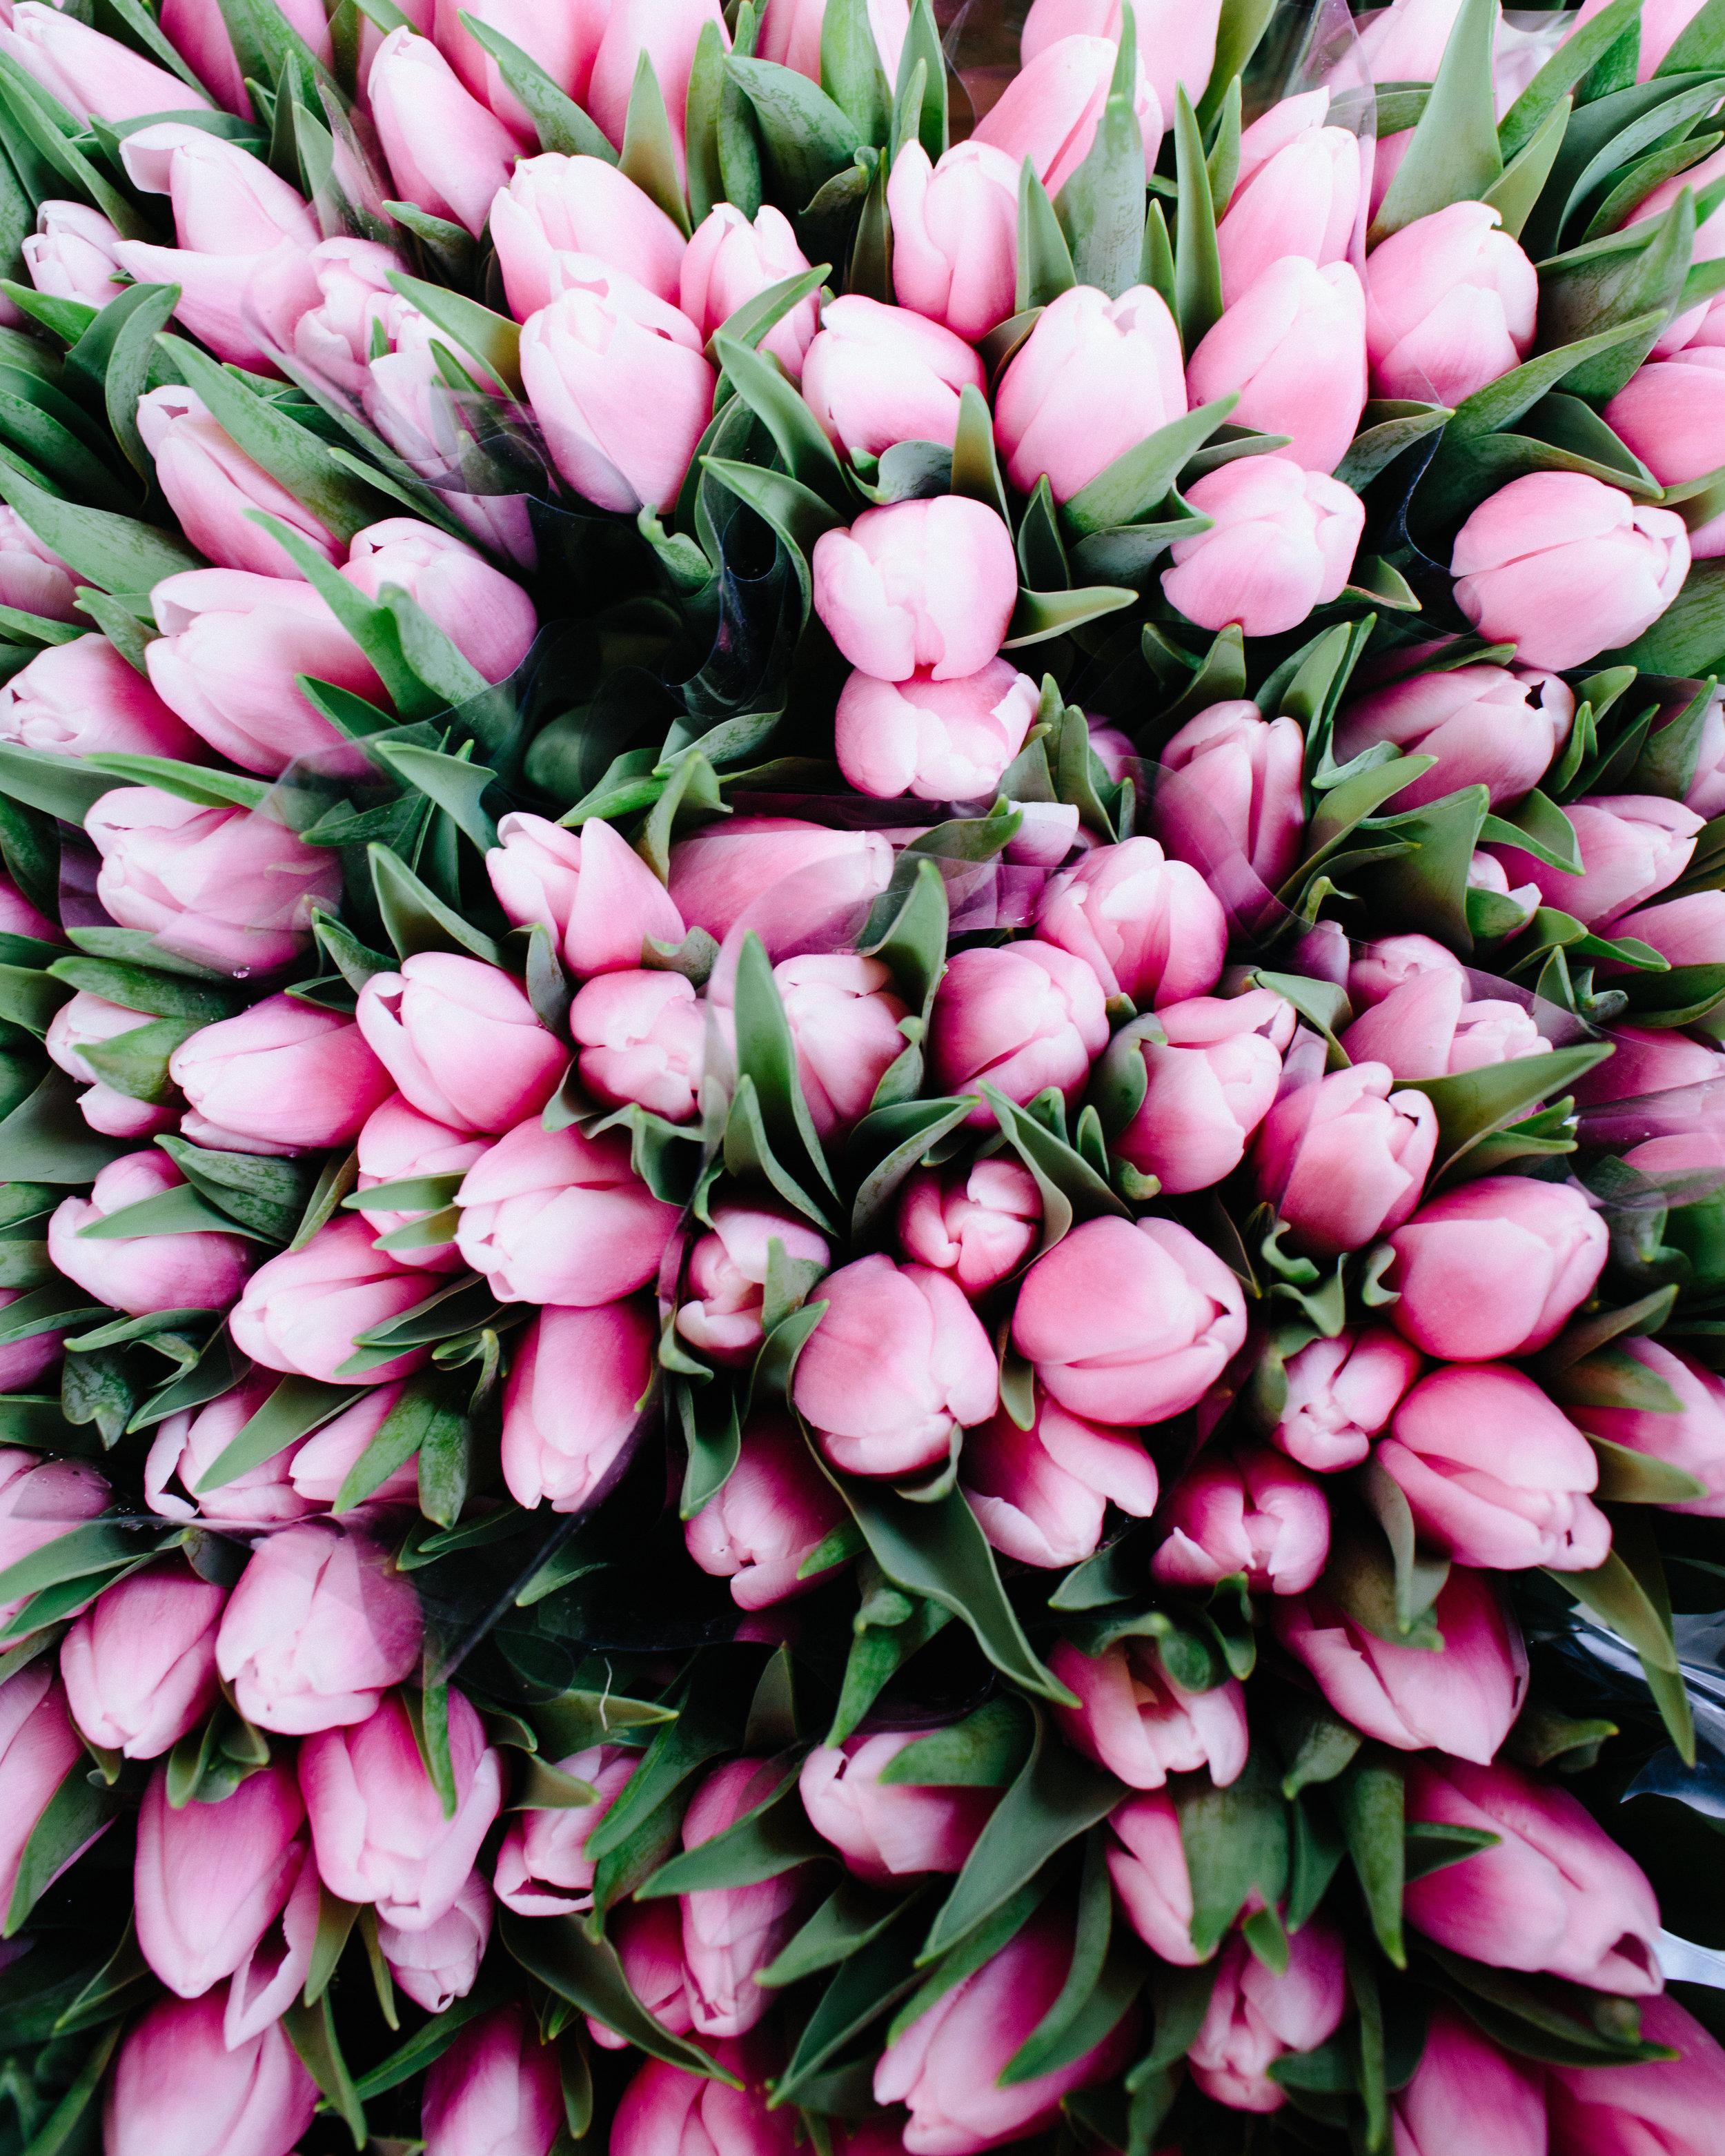 seeKew GardensColombia Road Flower MarketPortobello Road MarketOld Spitalfields MarketShoreditch NeighboorhoodPrimrose Hill -